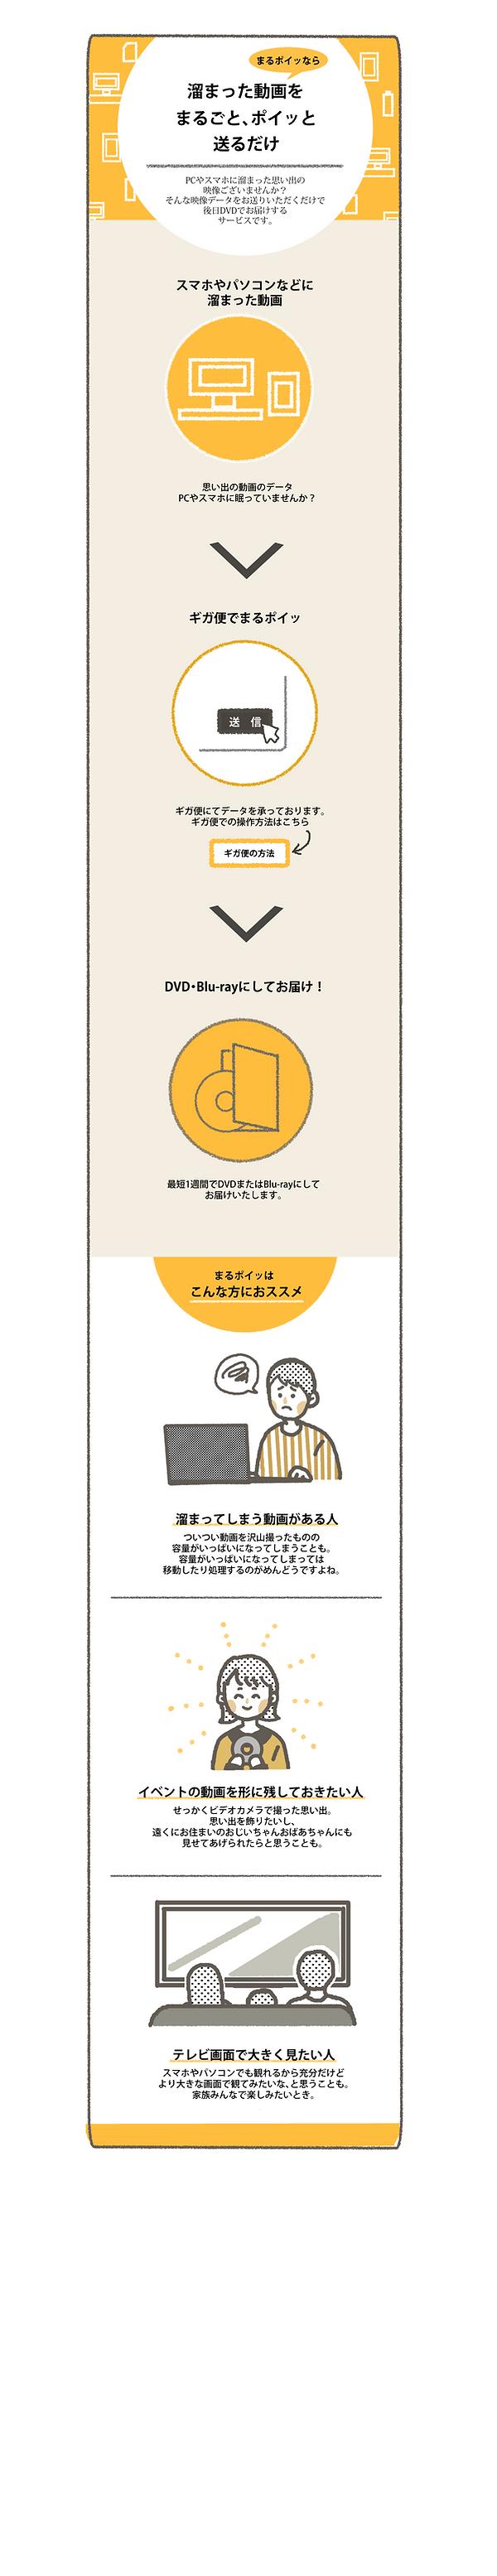 LPデザイン_スマホ用_テスト.png